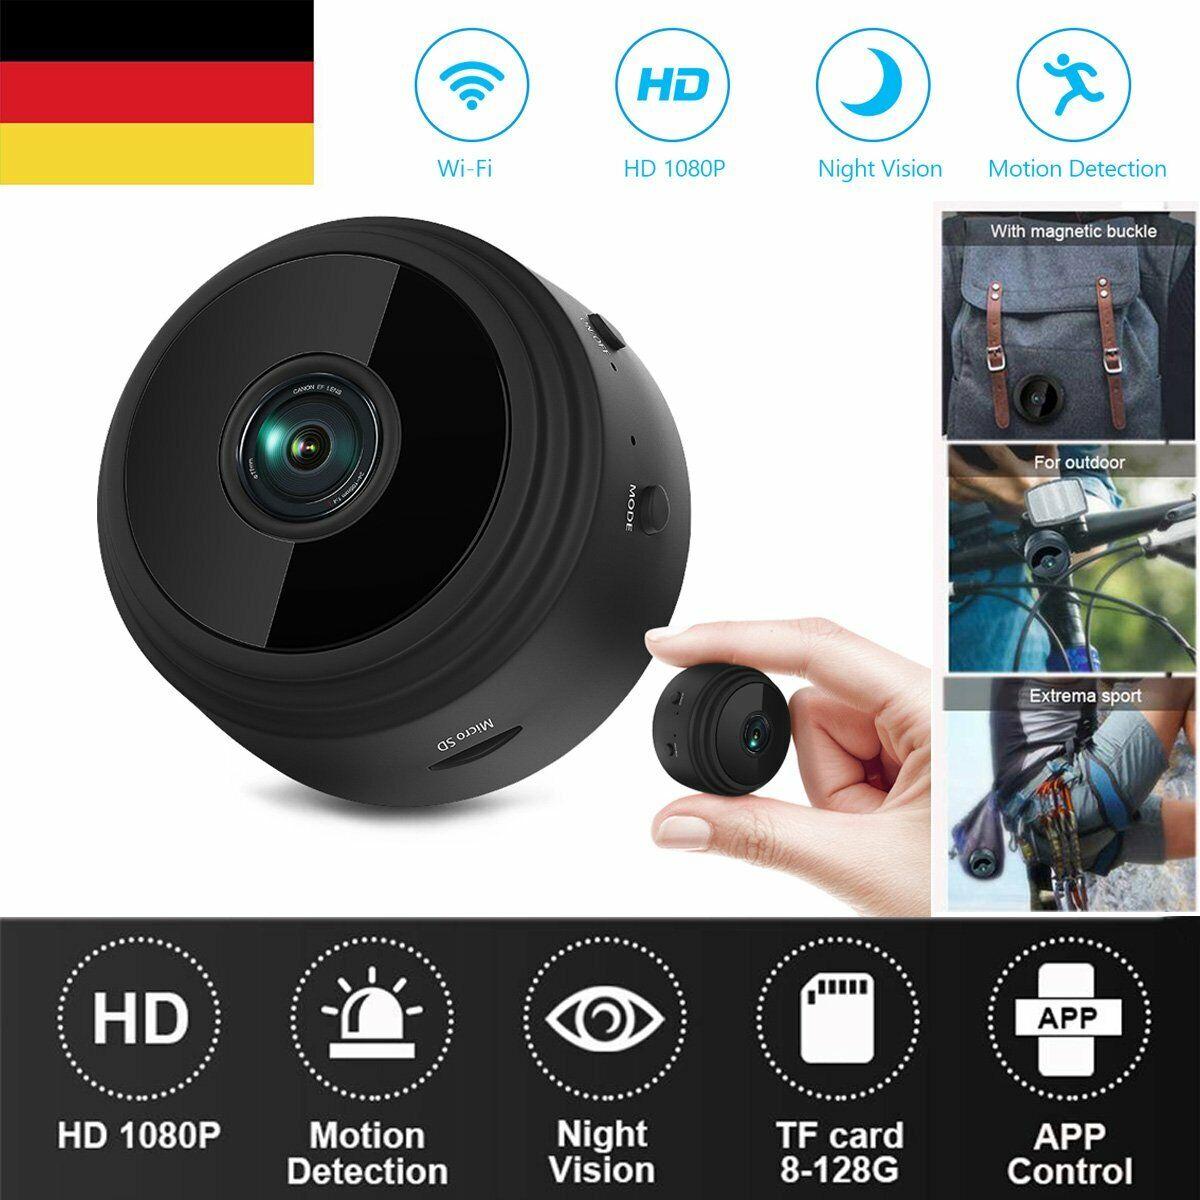 Mini IP Kamera HD 1080P Wireless Wifi Camera Überwachungskamera Wlan Netzwerk DE